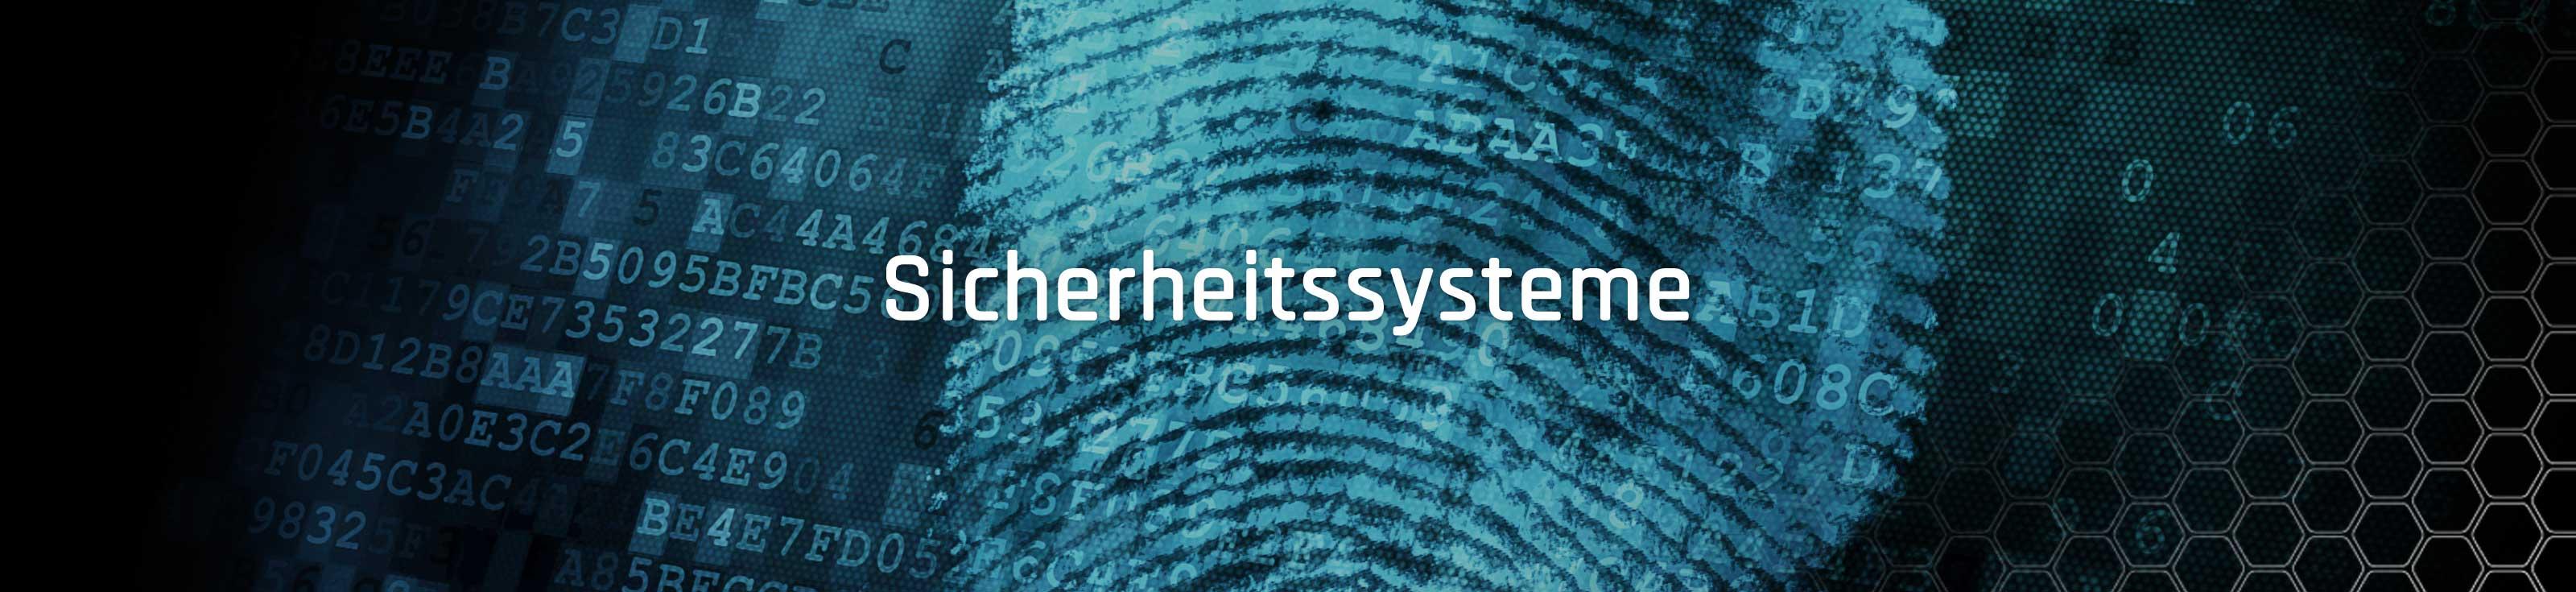 slider_sicherheitssysteme